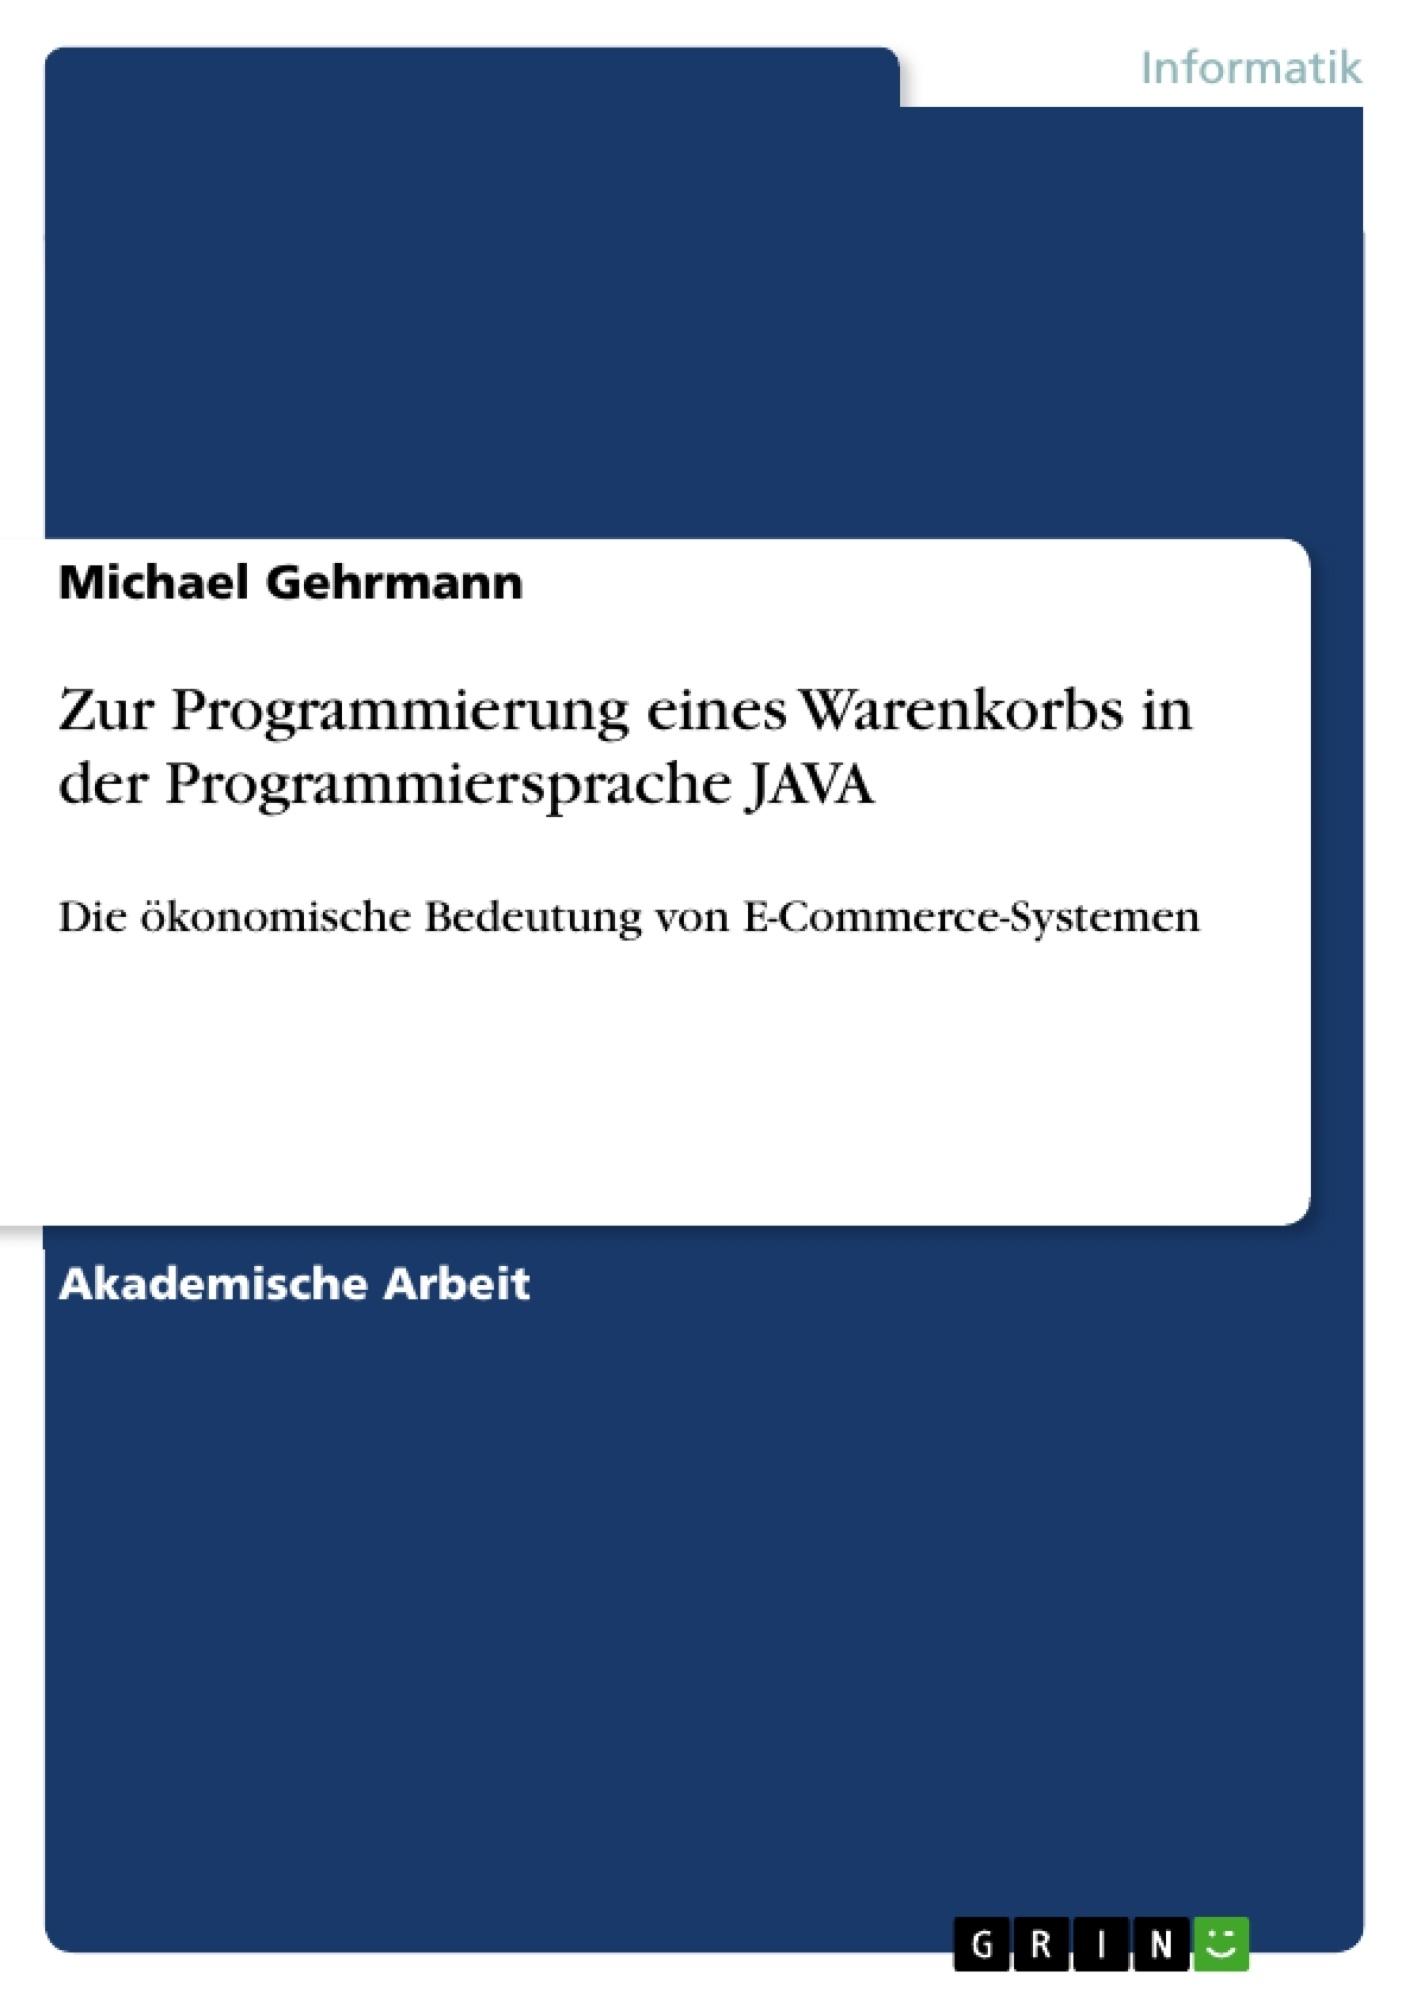 Titel: Zur Programmierung eines Warenkorbs in der Programmiersprache JAVA